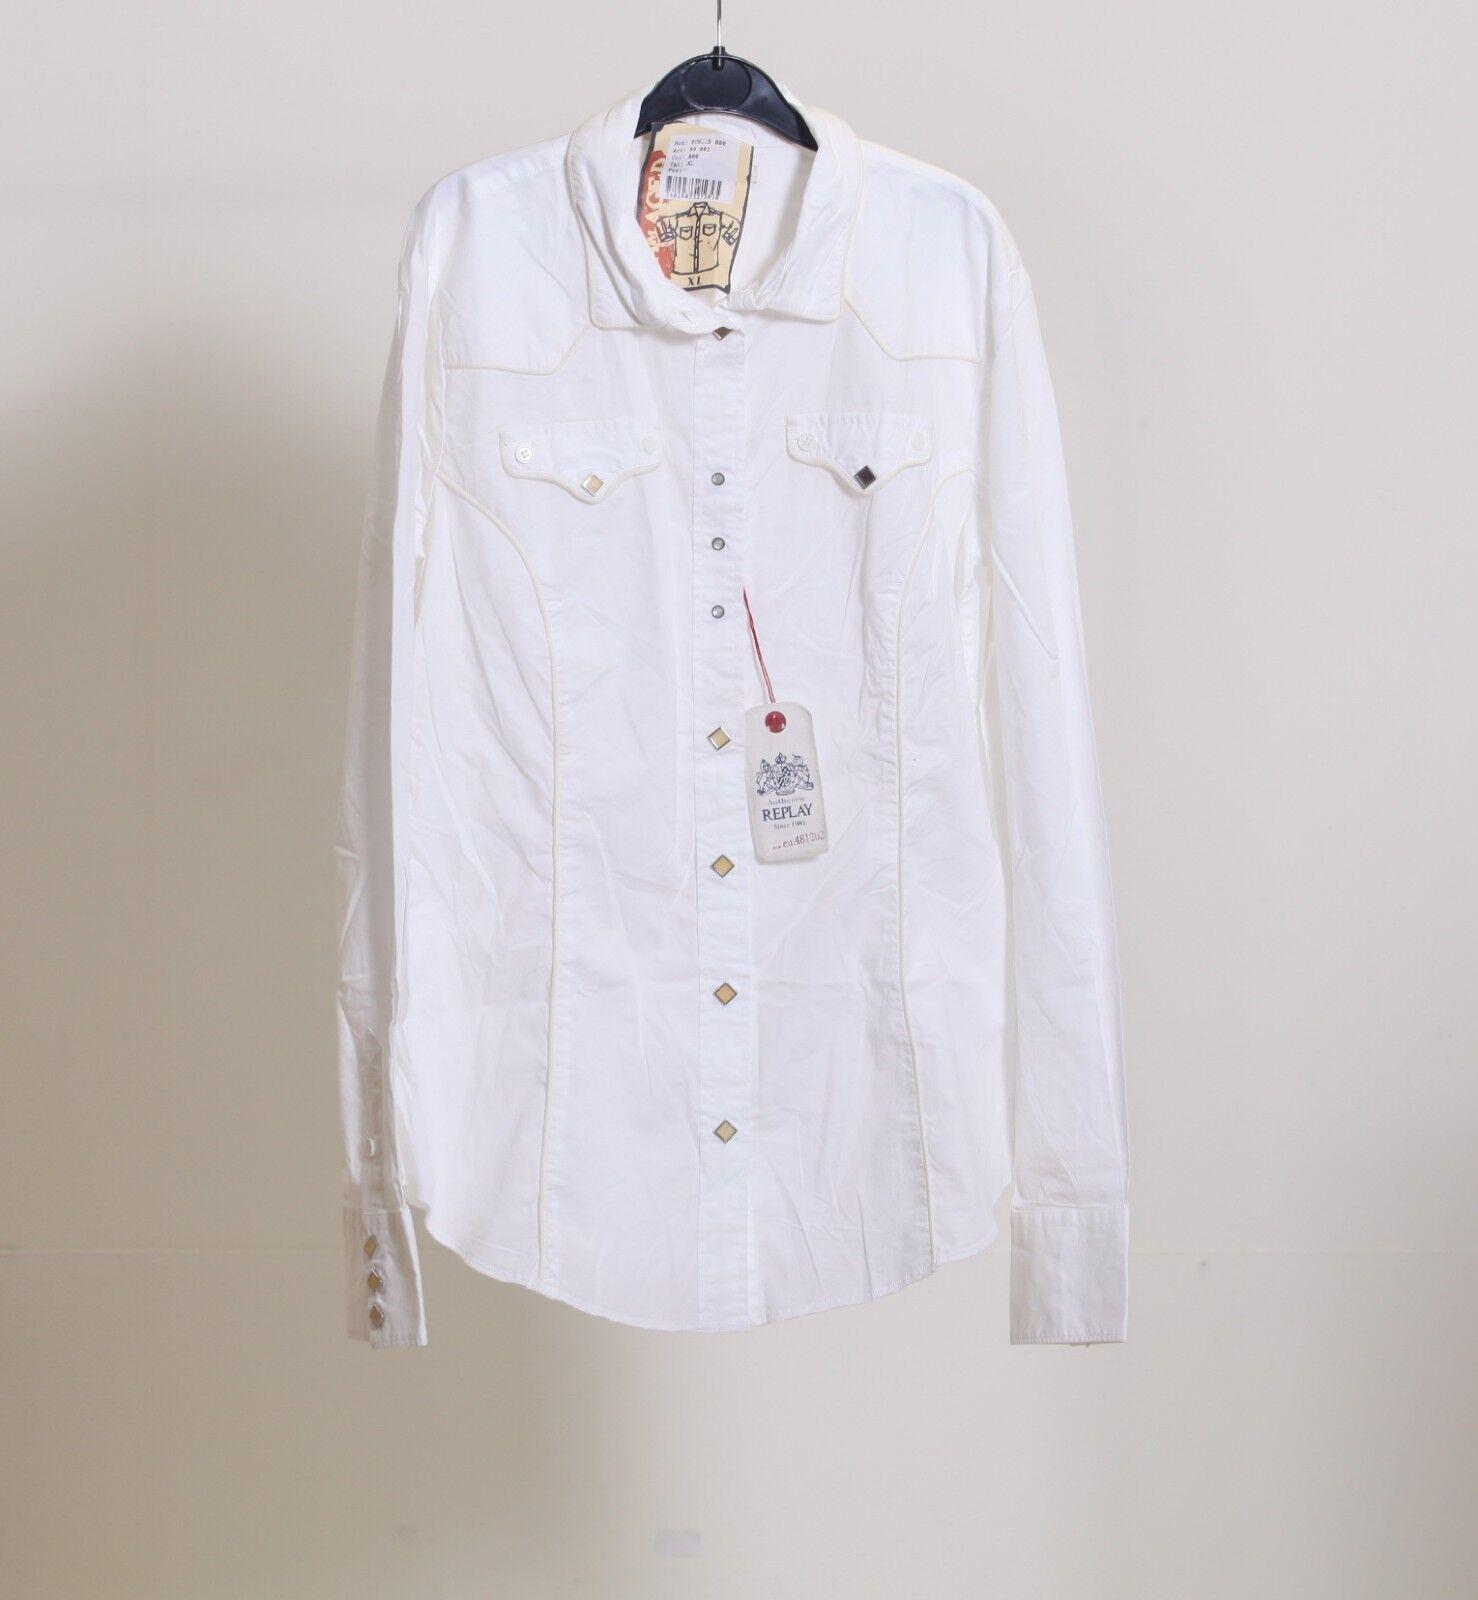 REPLAY donna ESCLUSIVO fashion manica lunga elegante camicia camicia camicia bianca cotone pulsante daf660